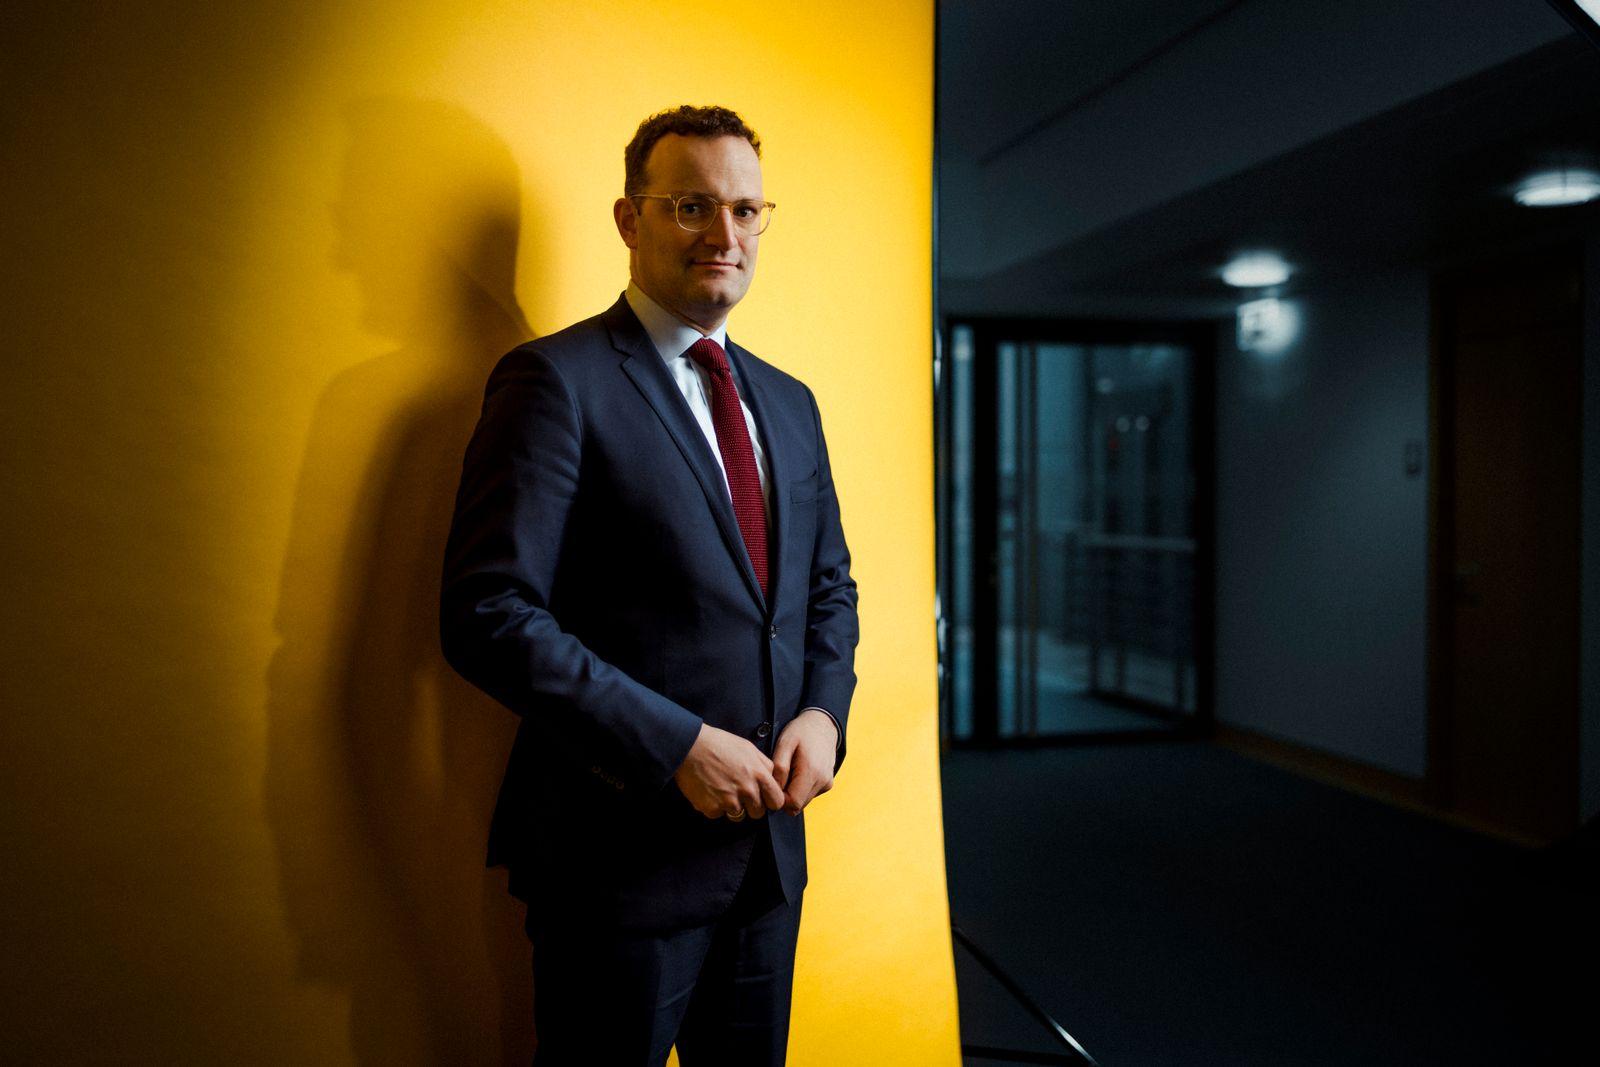 Jens Spahn, MdB (CDU), Bundesminister für Gesundheit, fotografiert im Bundesministerium für Gesundheit